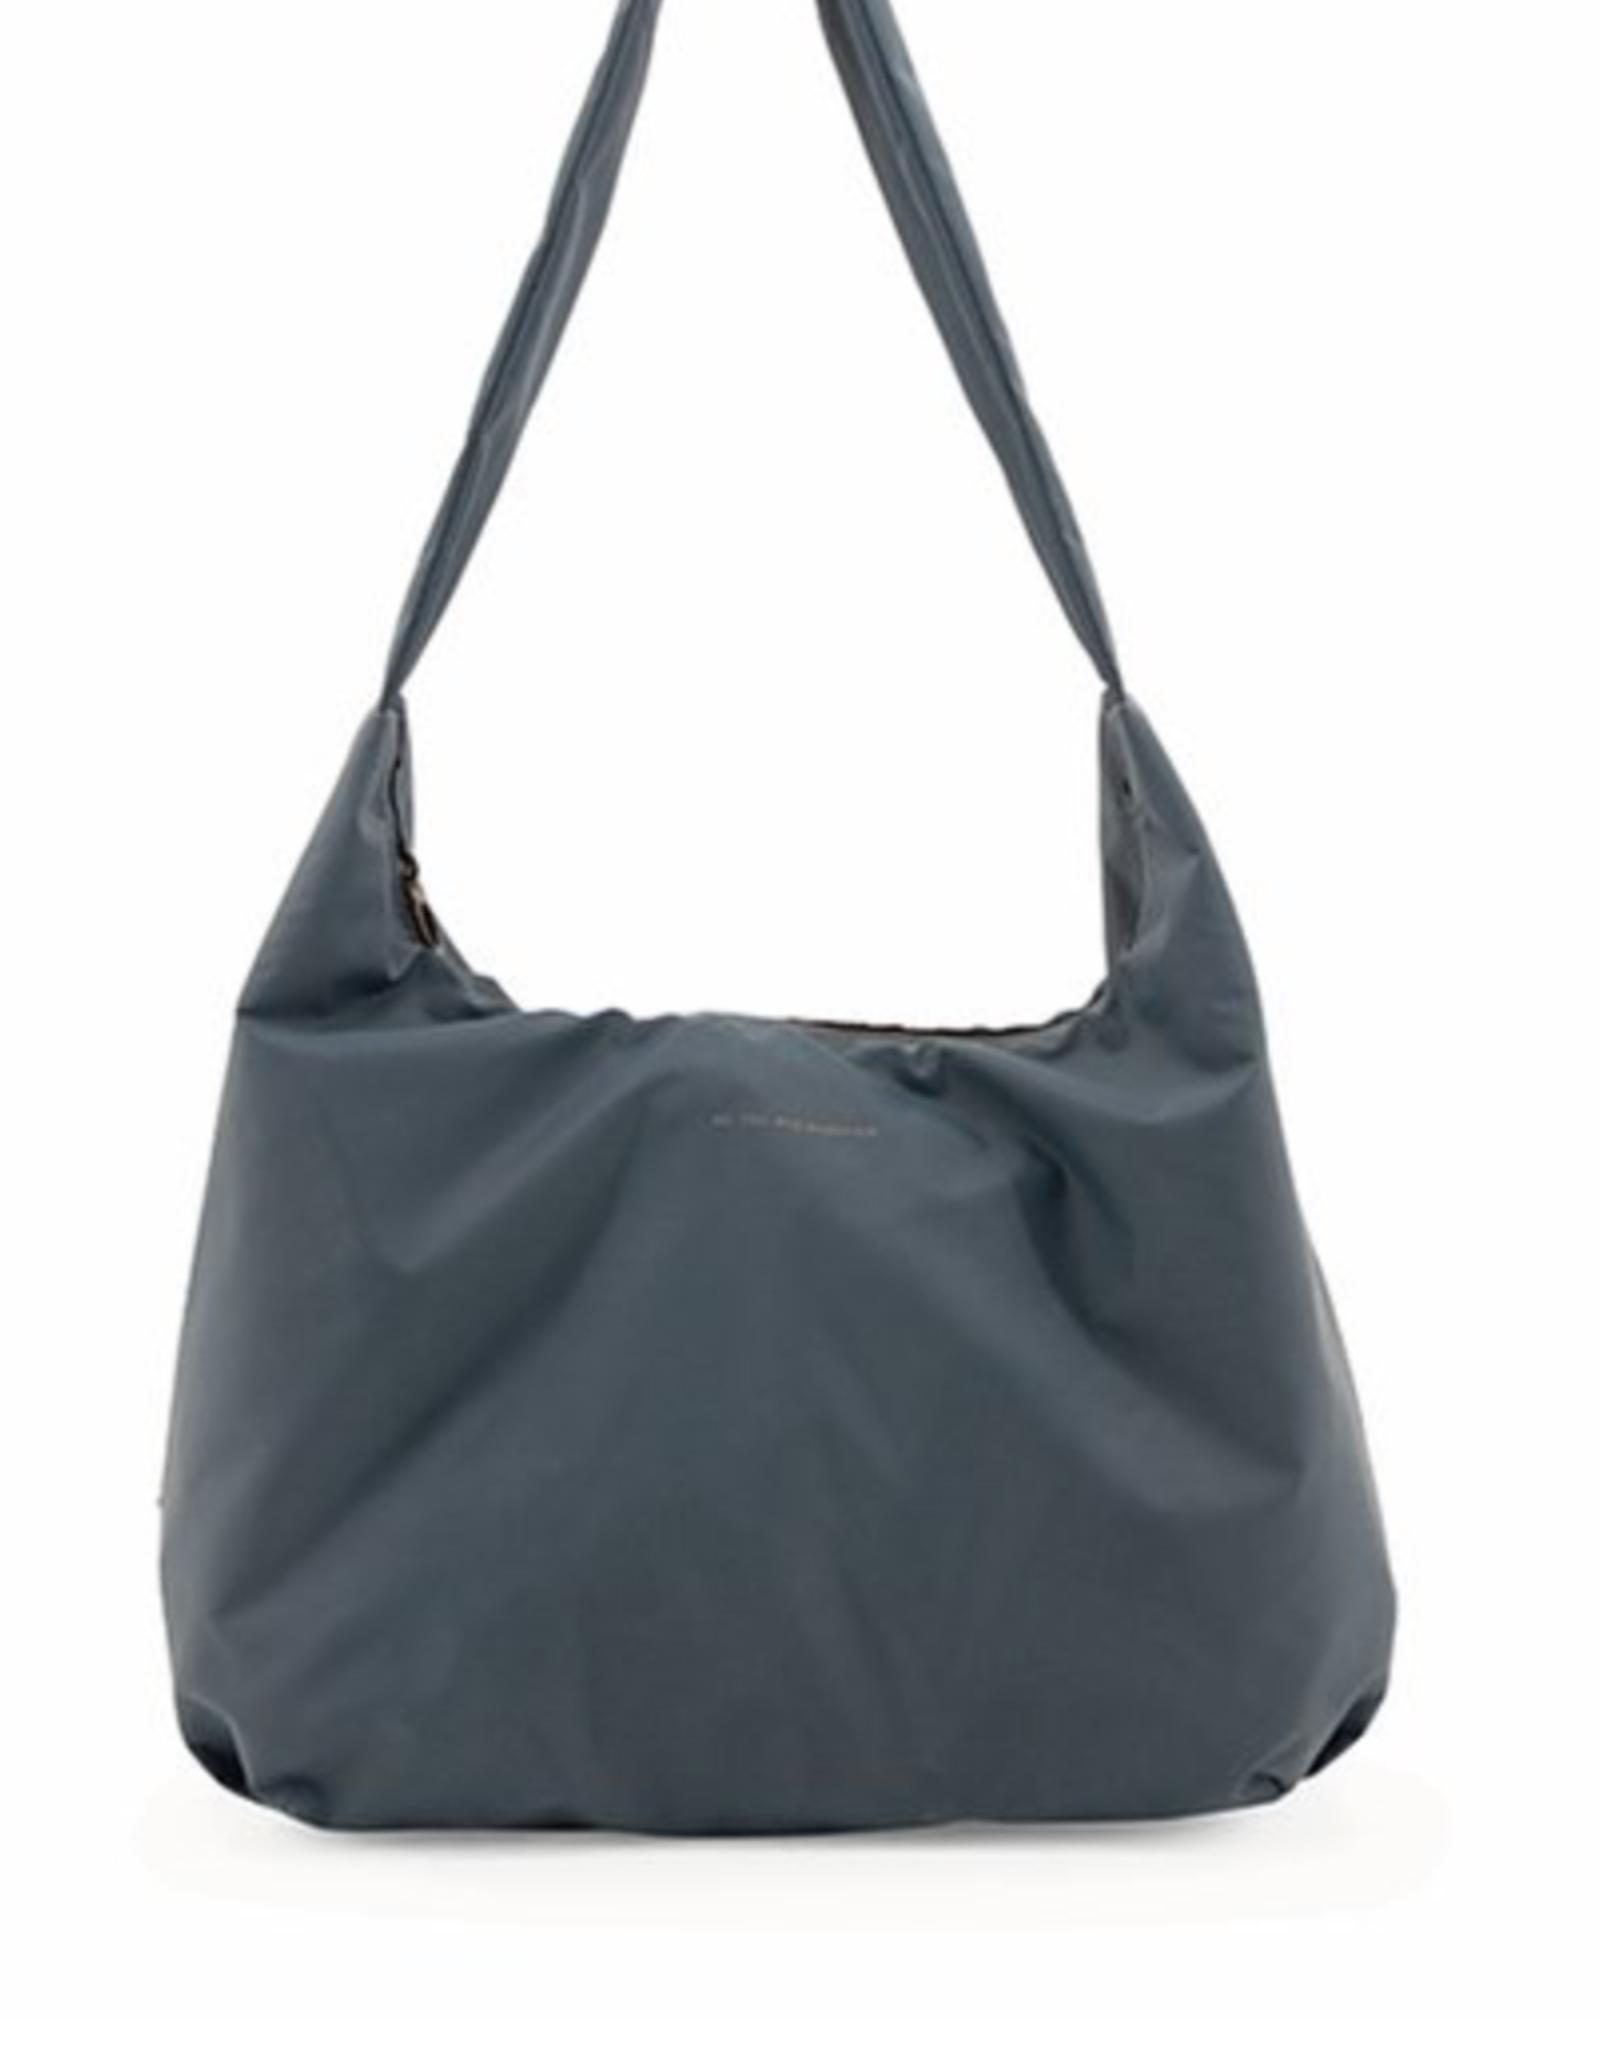 Cato Shoulder Bag - Petrol or Black